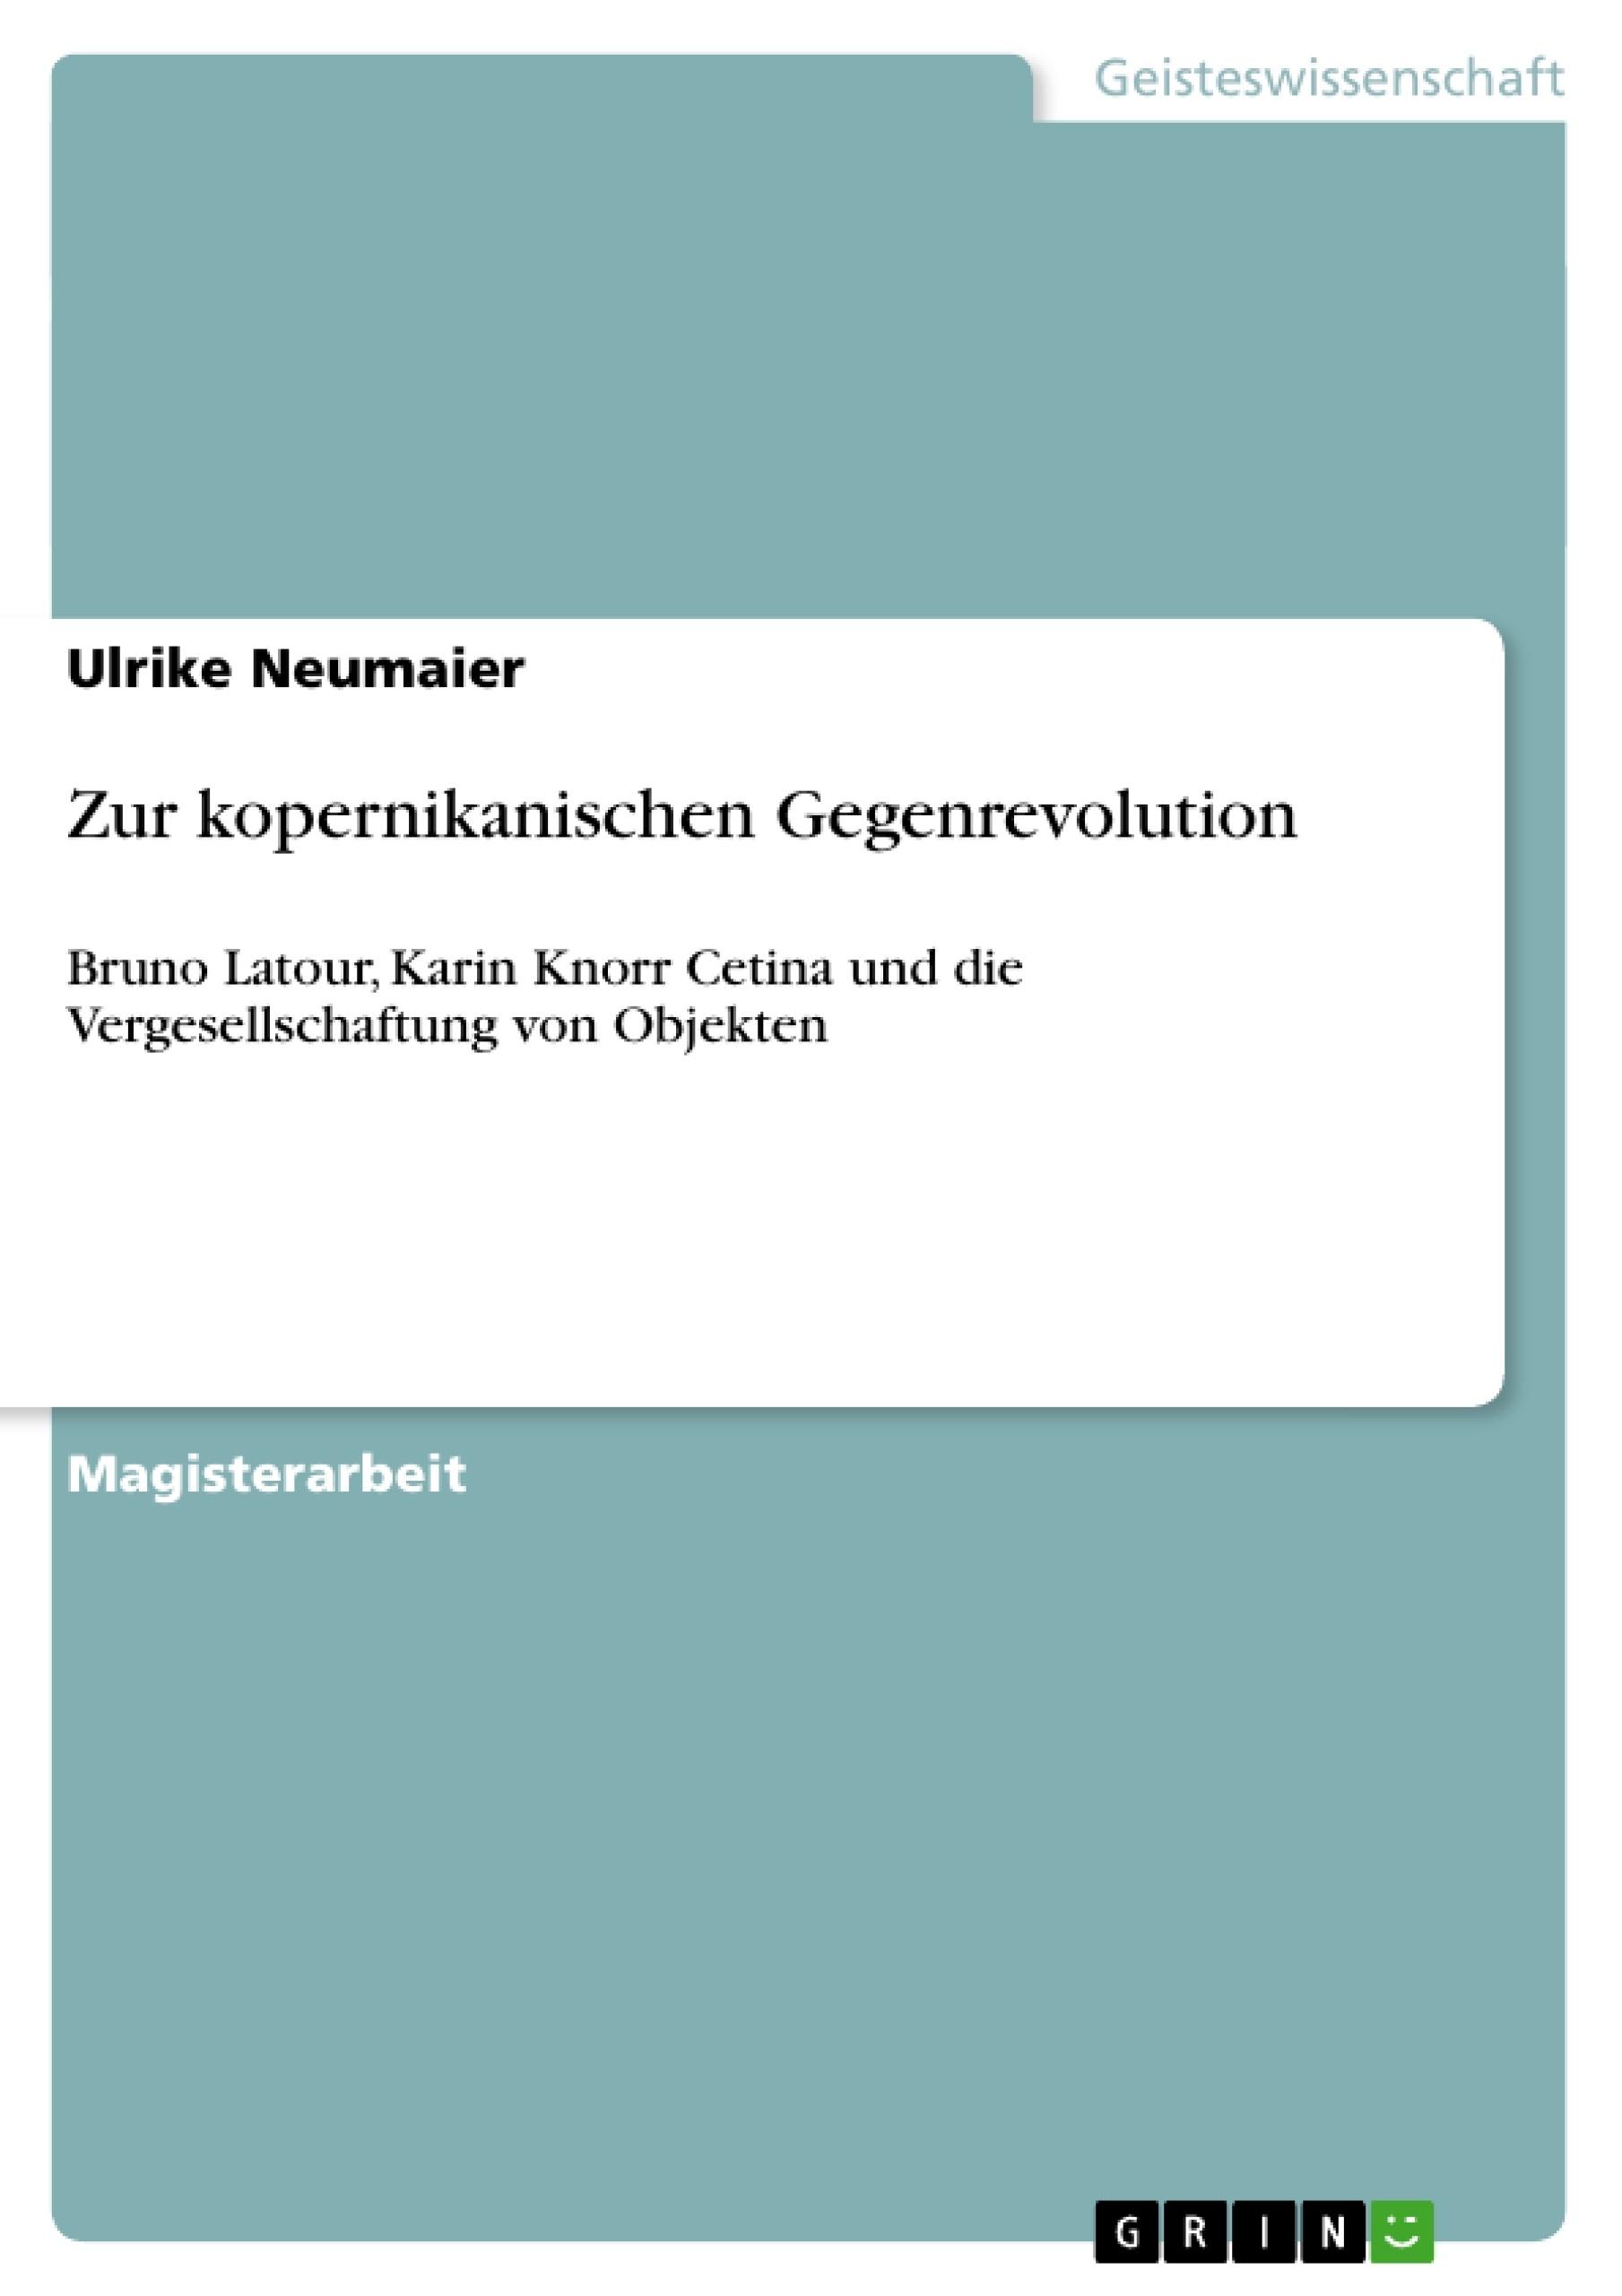 Titel: Zur kopernikanischen Gegenrevolution